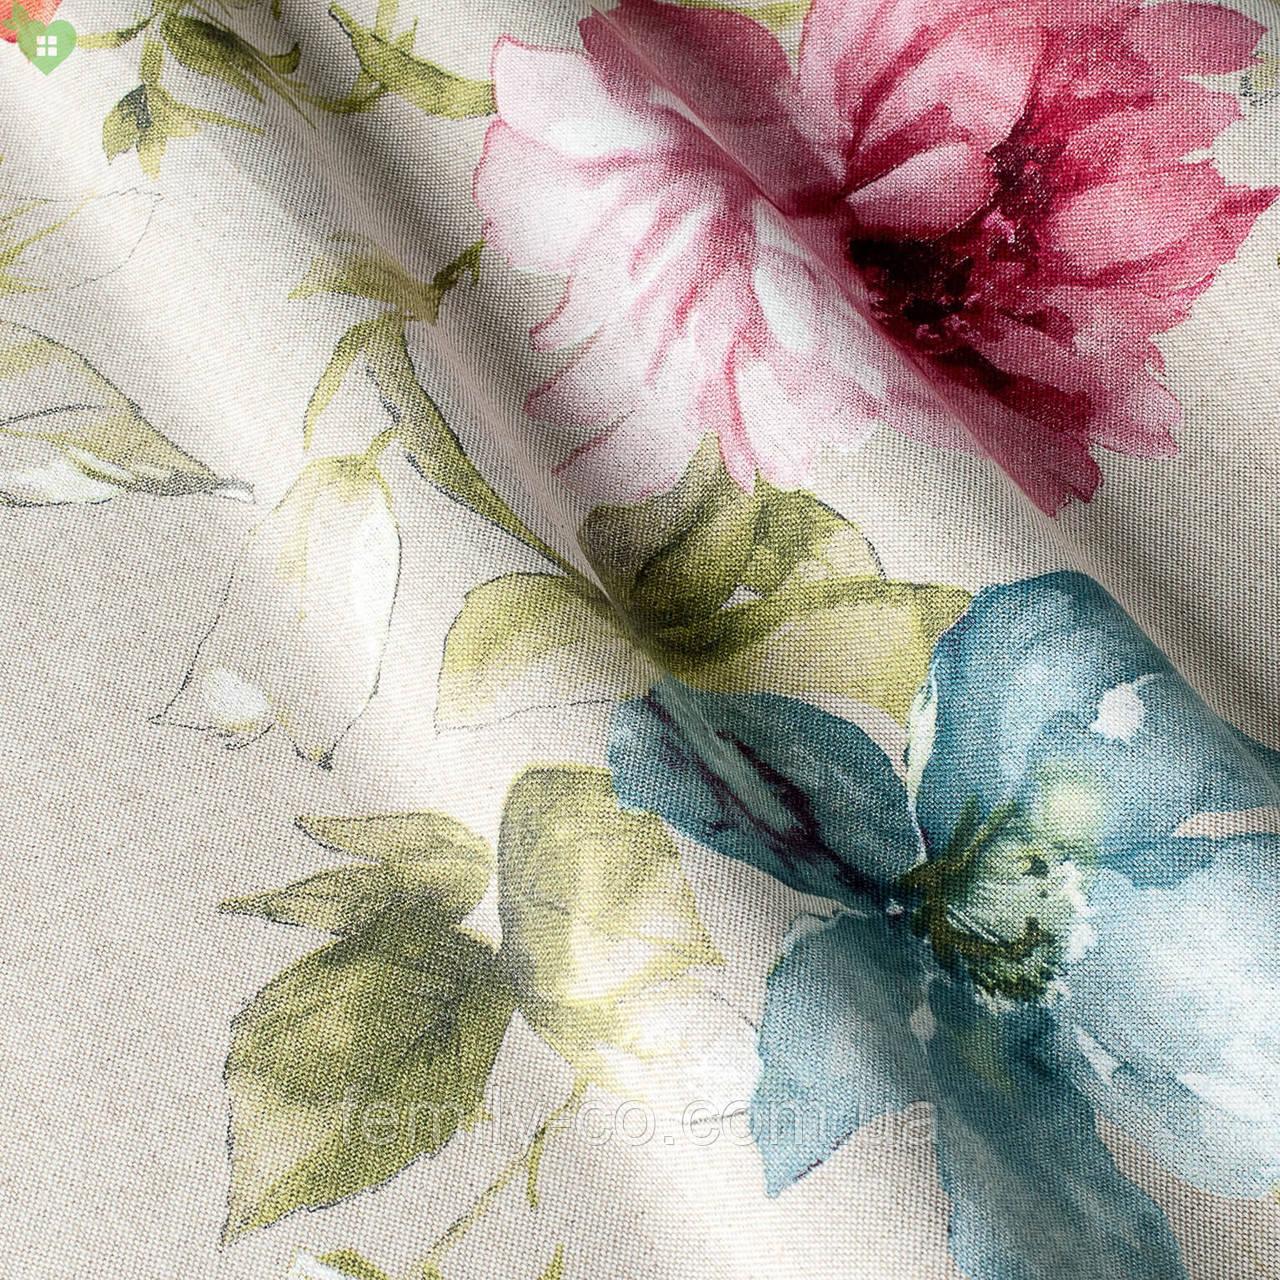 Декоративная ткань с крупными разноцветными цветами на светло-сером фоне Испания 82571v1